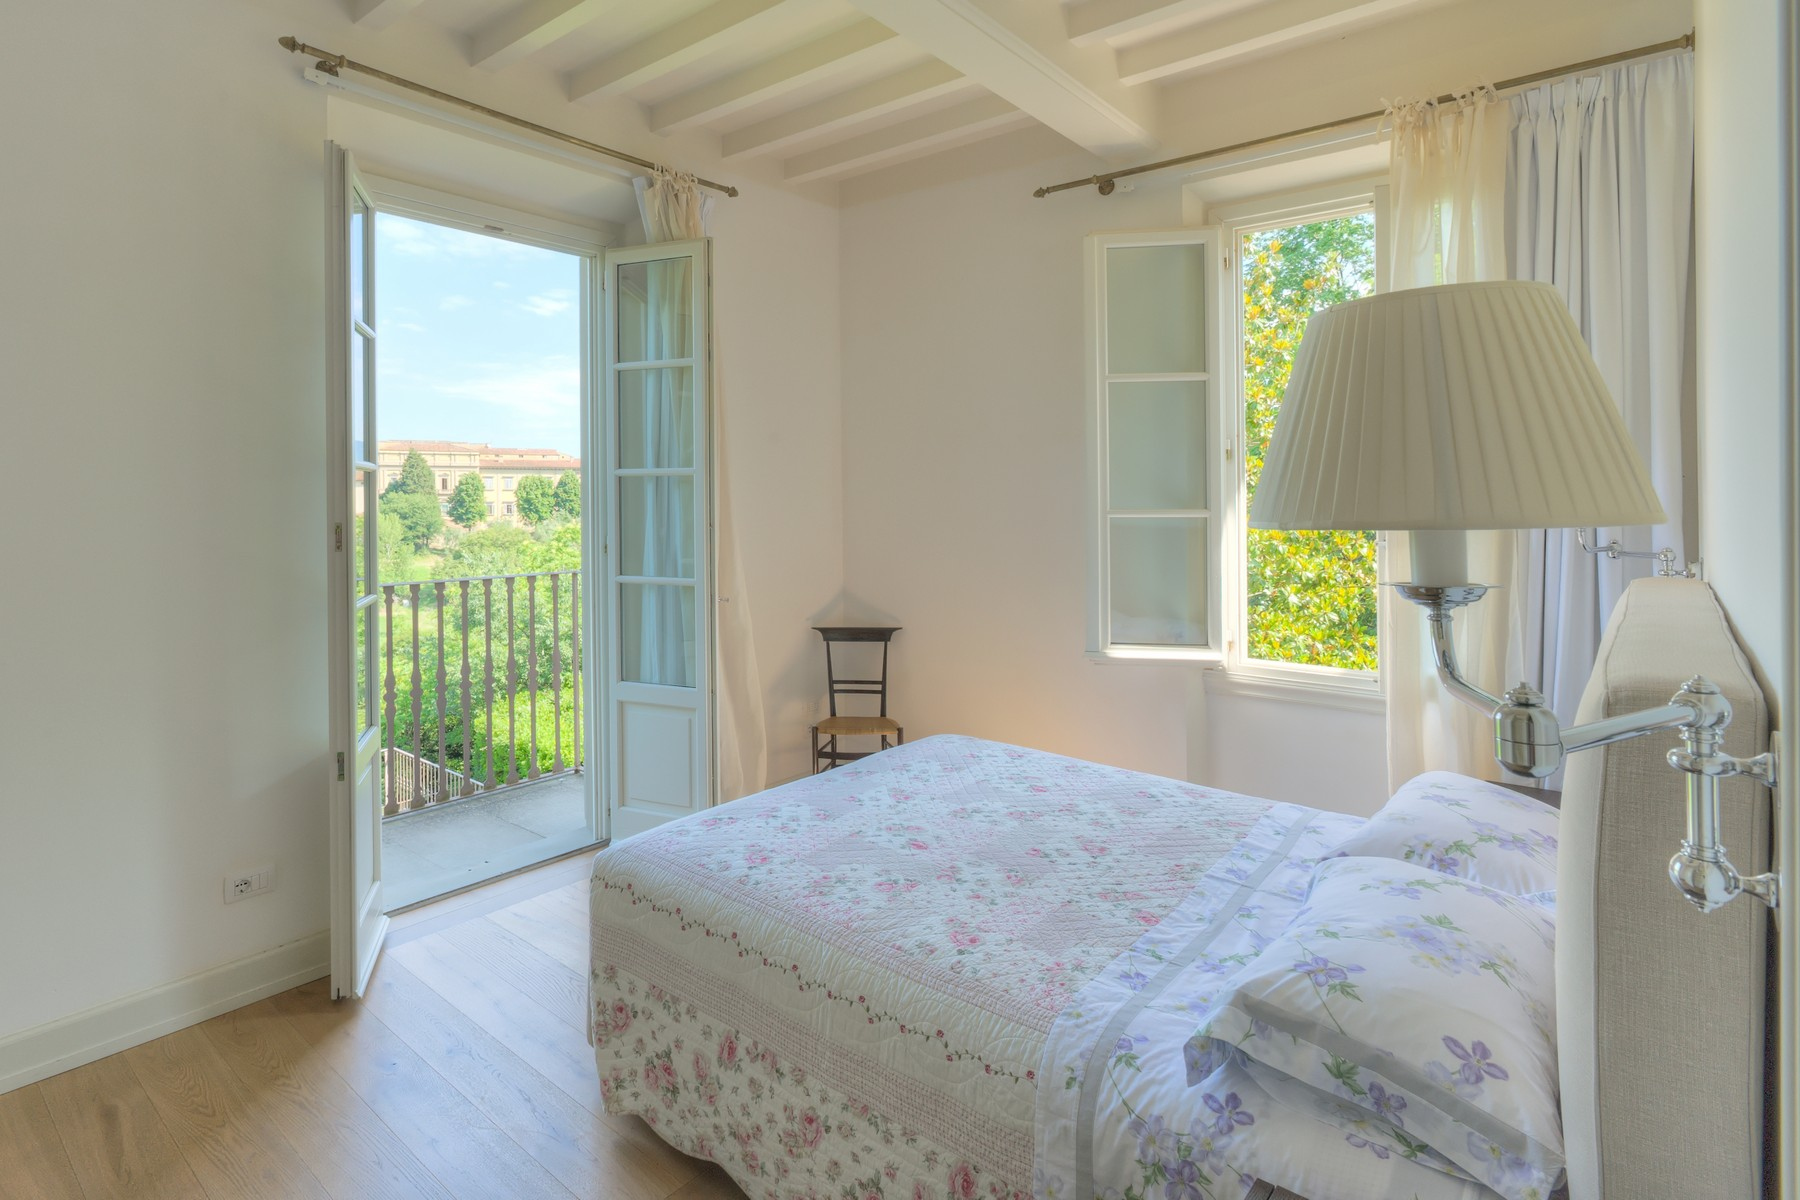 Villa in Vendita a Firenze: 5 locali, 360 mq - Foto 10